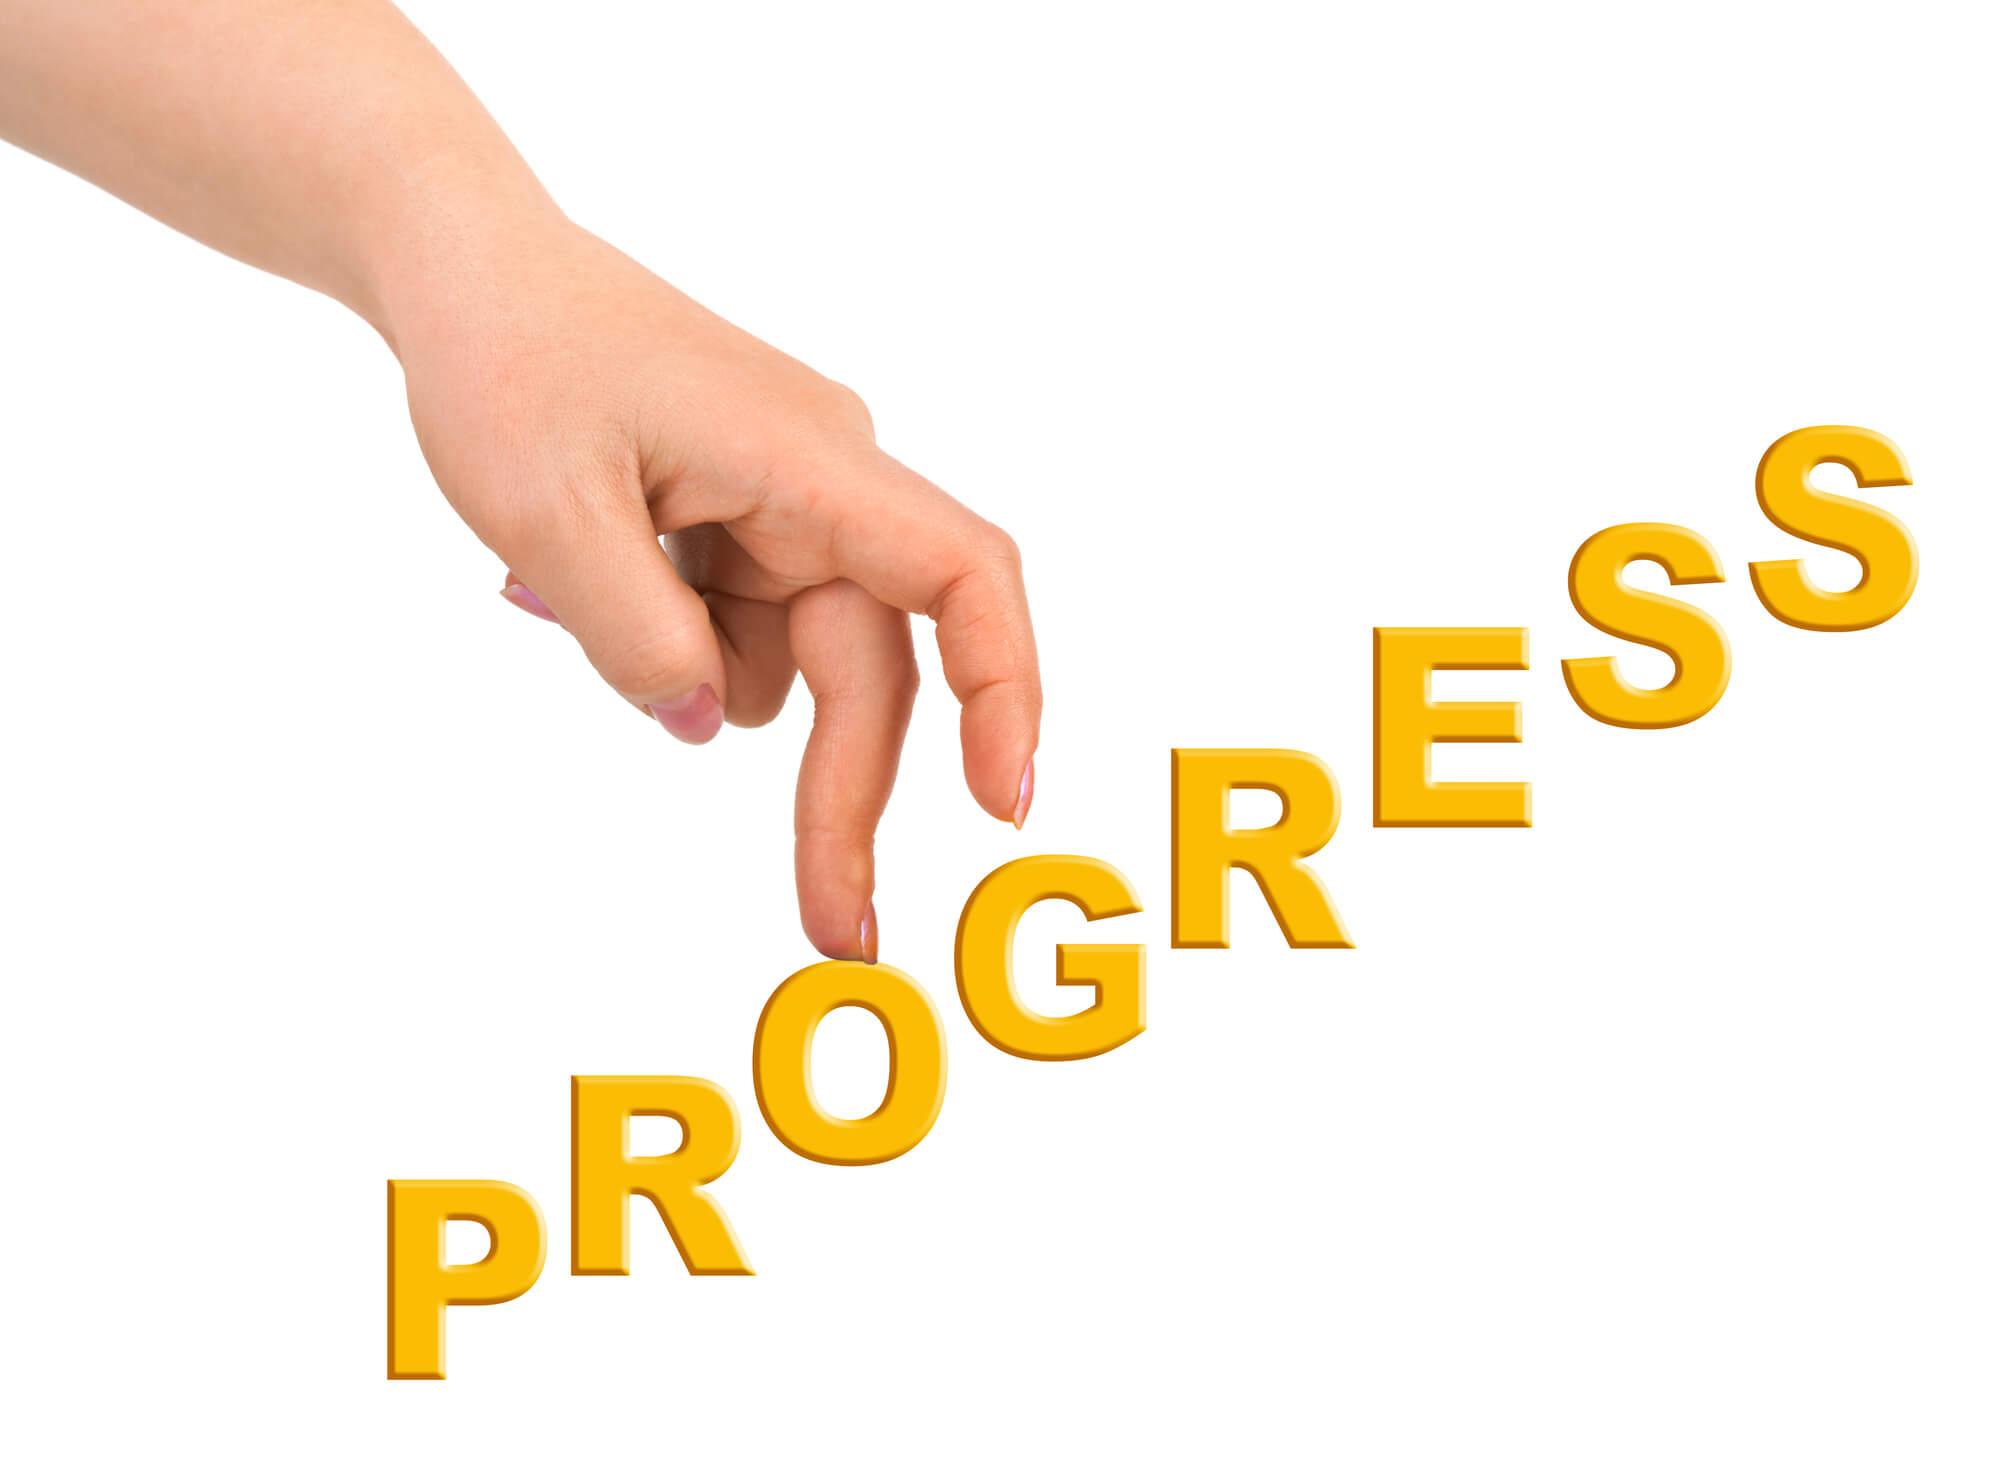 fingers-climbing-progress-ladder